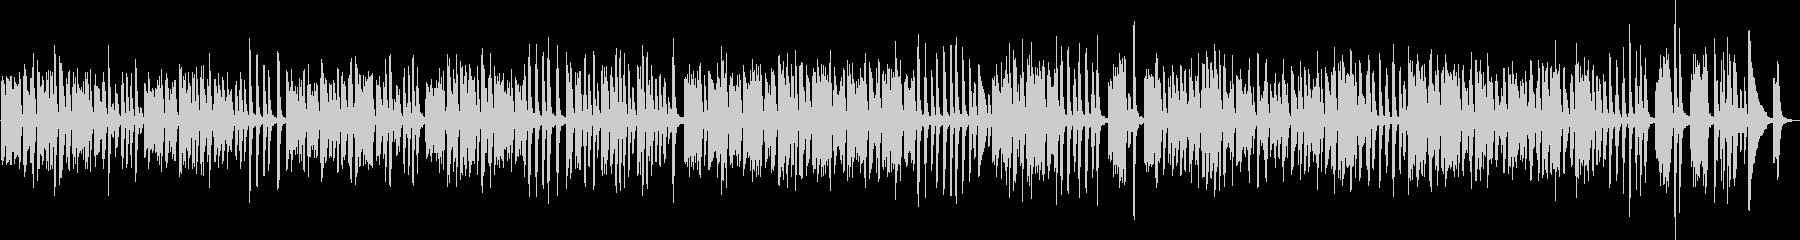 愉快なピアノBGM(明るい・ポップ)の未再生の波形